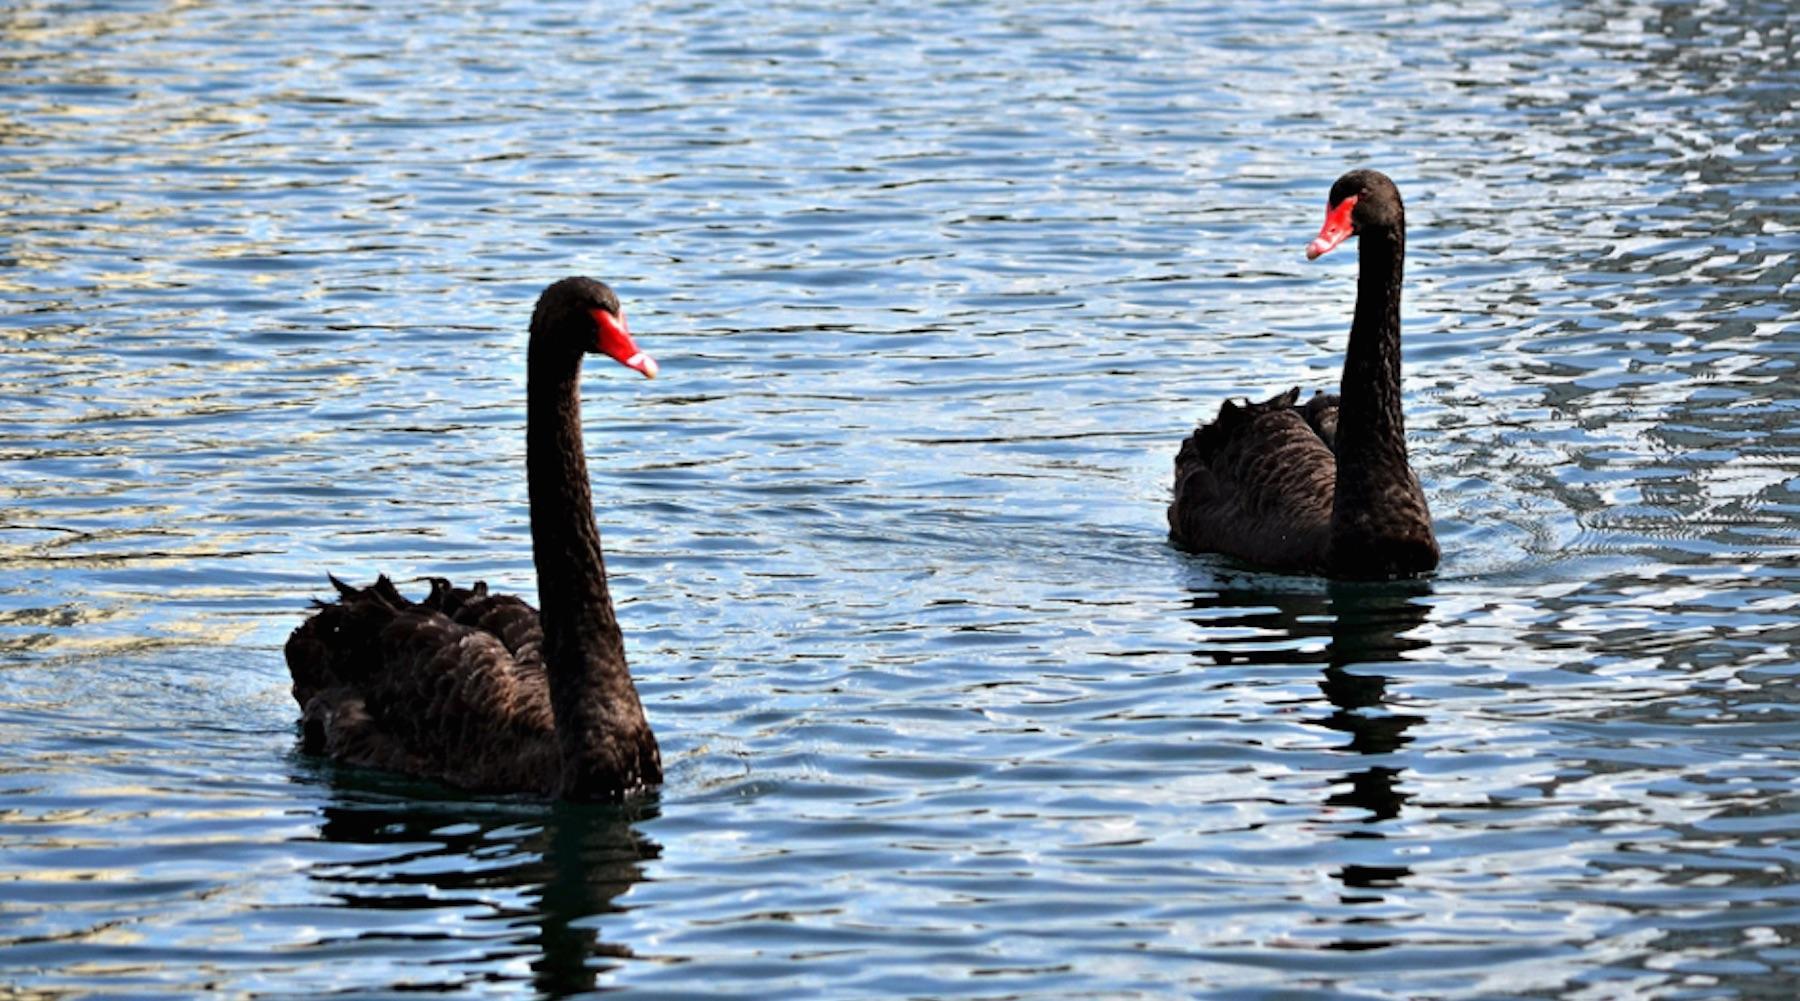 swan-1502996174401-1502996178027.jpg